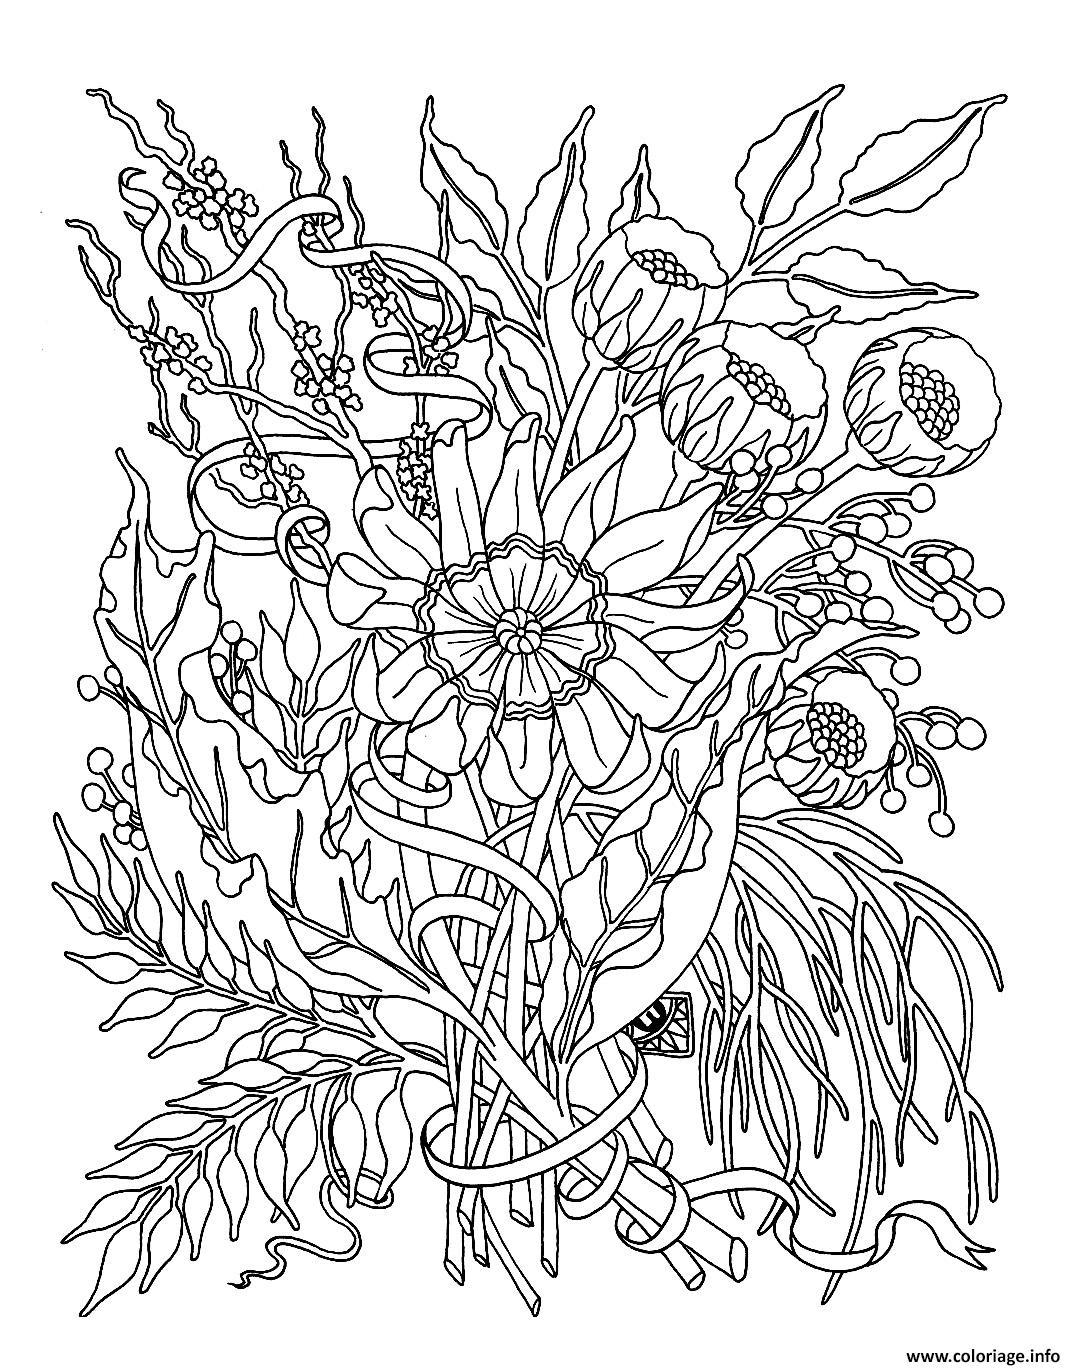 Coloriage Fleurs Exotiques Realistes Dessin à Imprimer